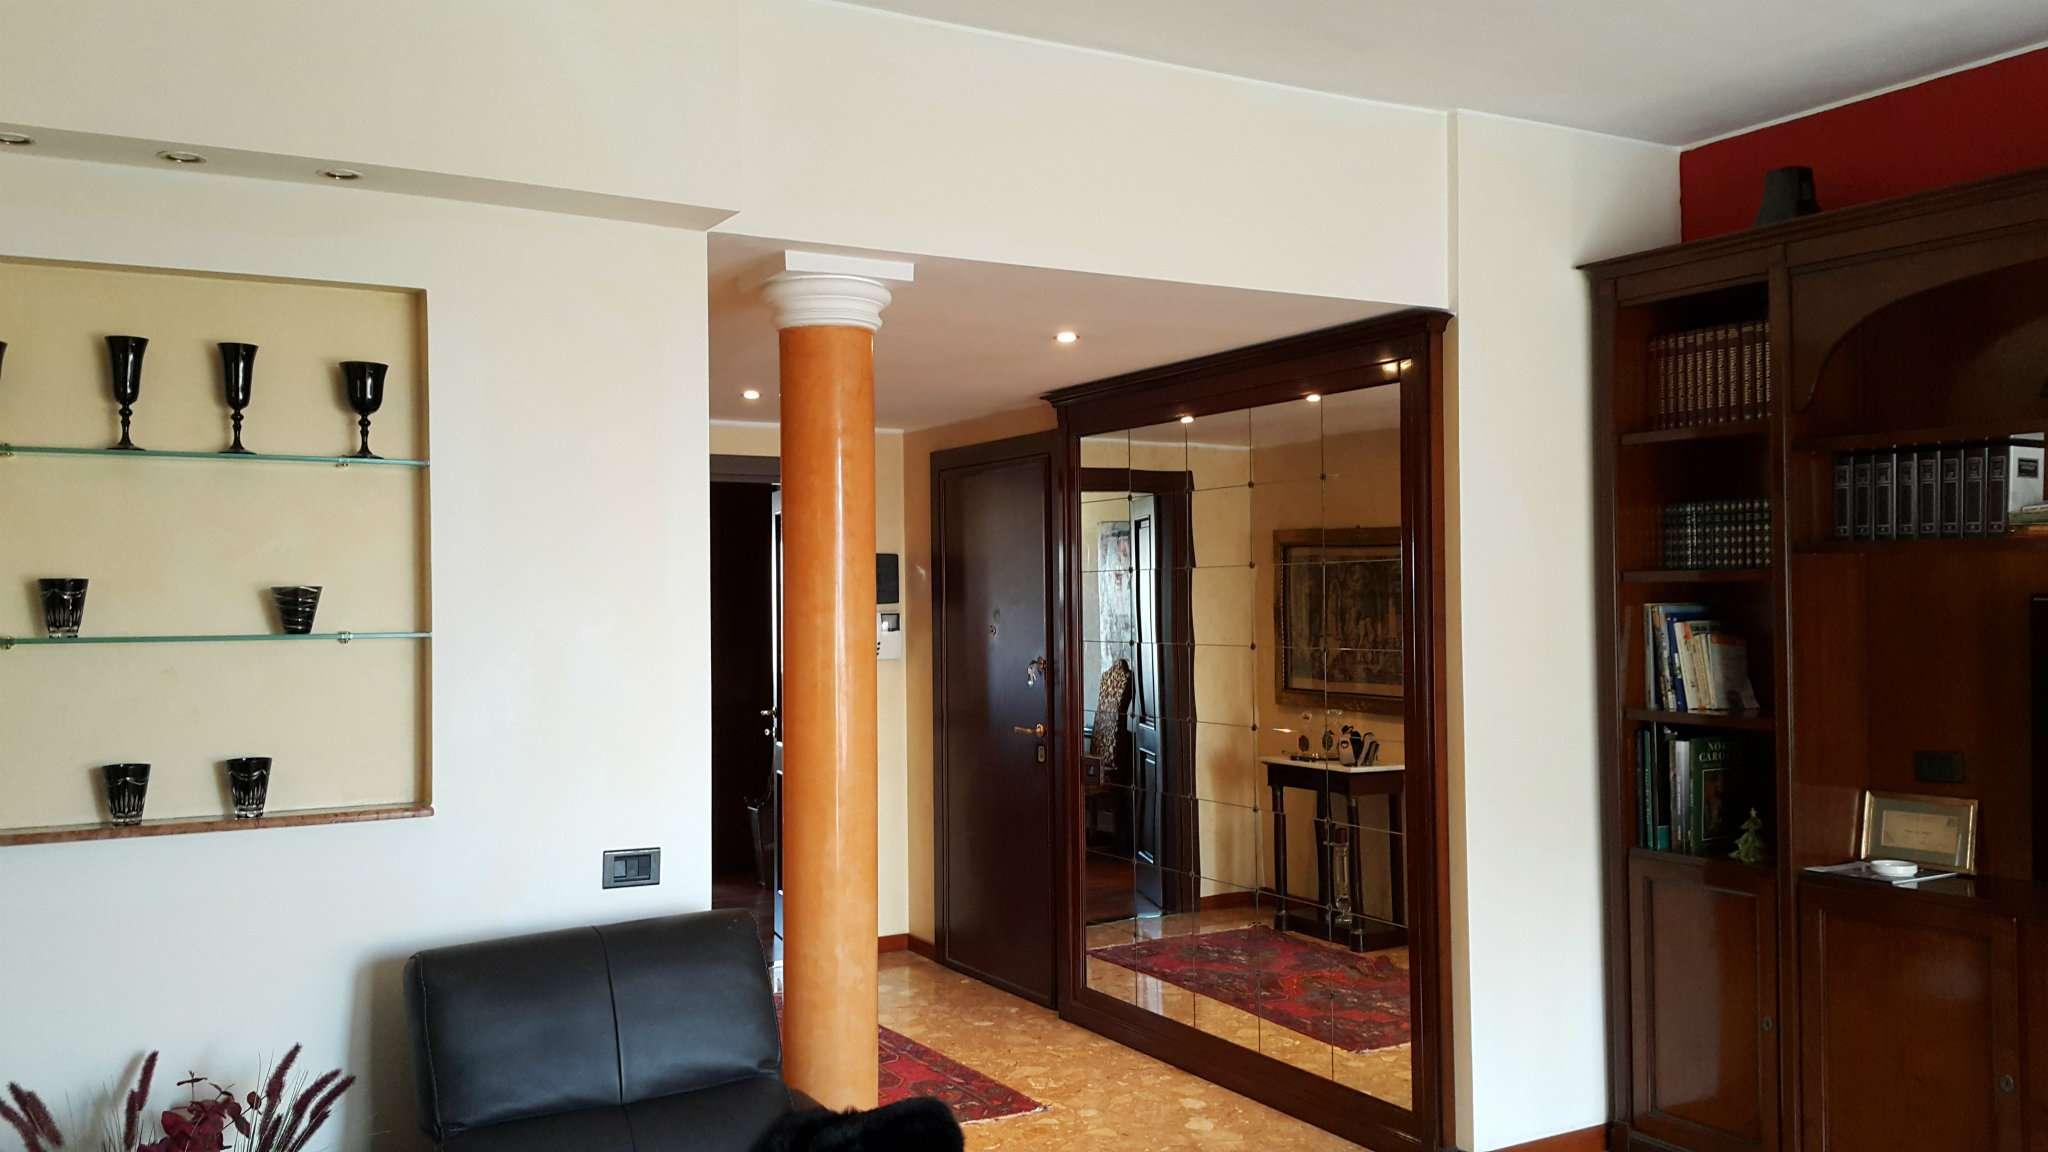 Appartamento in vendita a Milano, 3 locali, zona Zona: 3 . Bicocca, Greco, Monza, Palmanova, Padova, prezzo € 299.000 | Cambio Casa.it